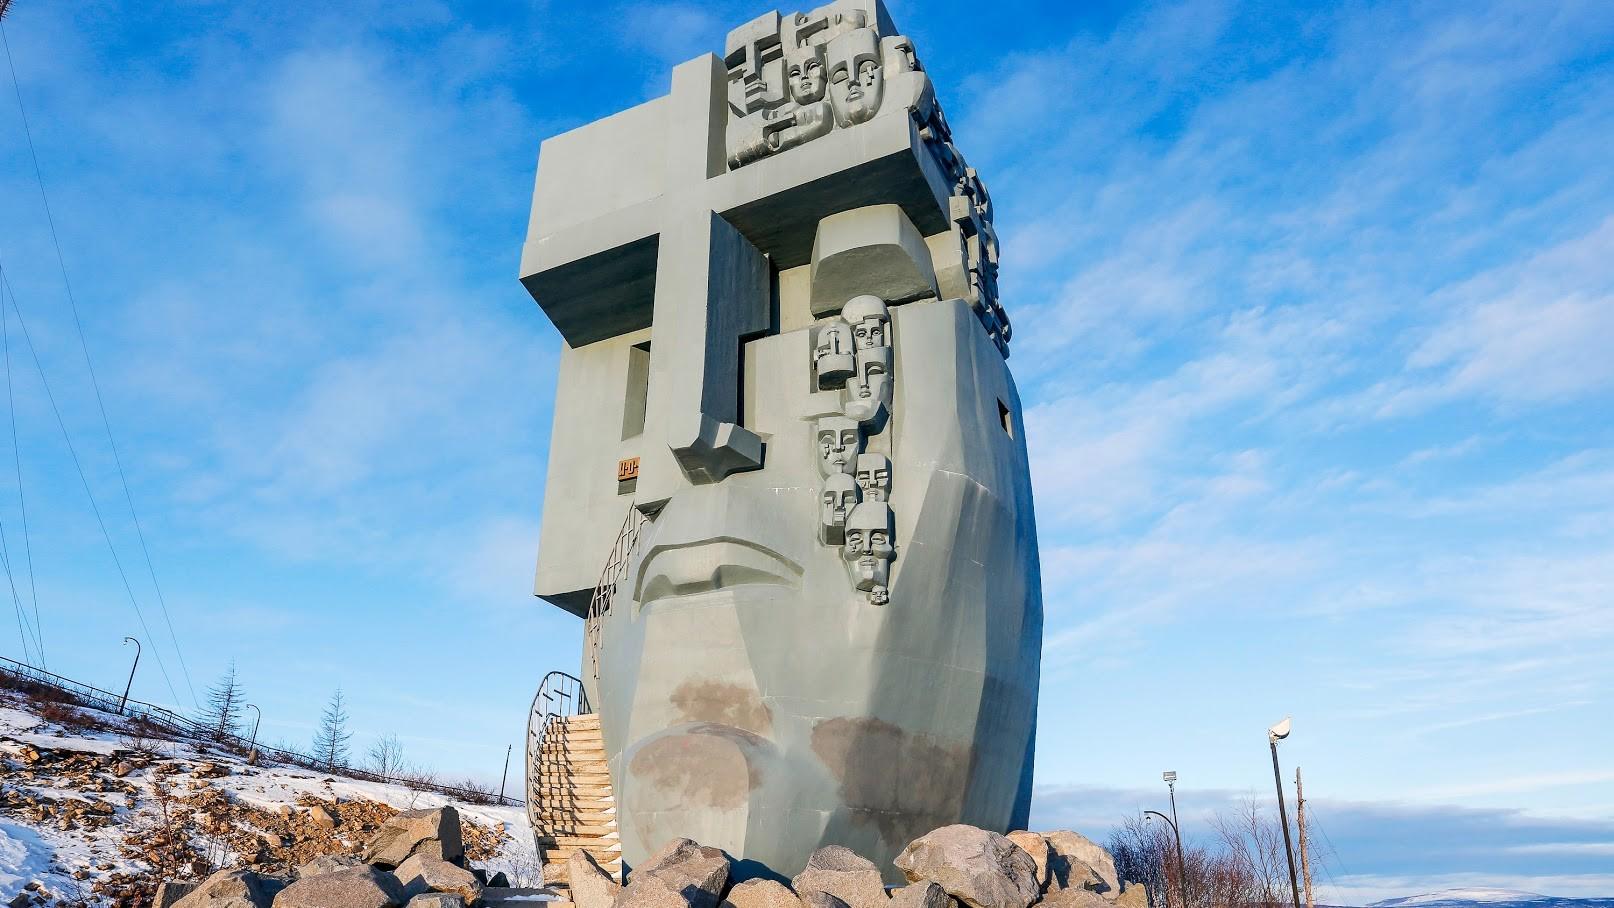 Maska bridkosti - spomenik žrtvam politične represije.